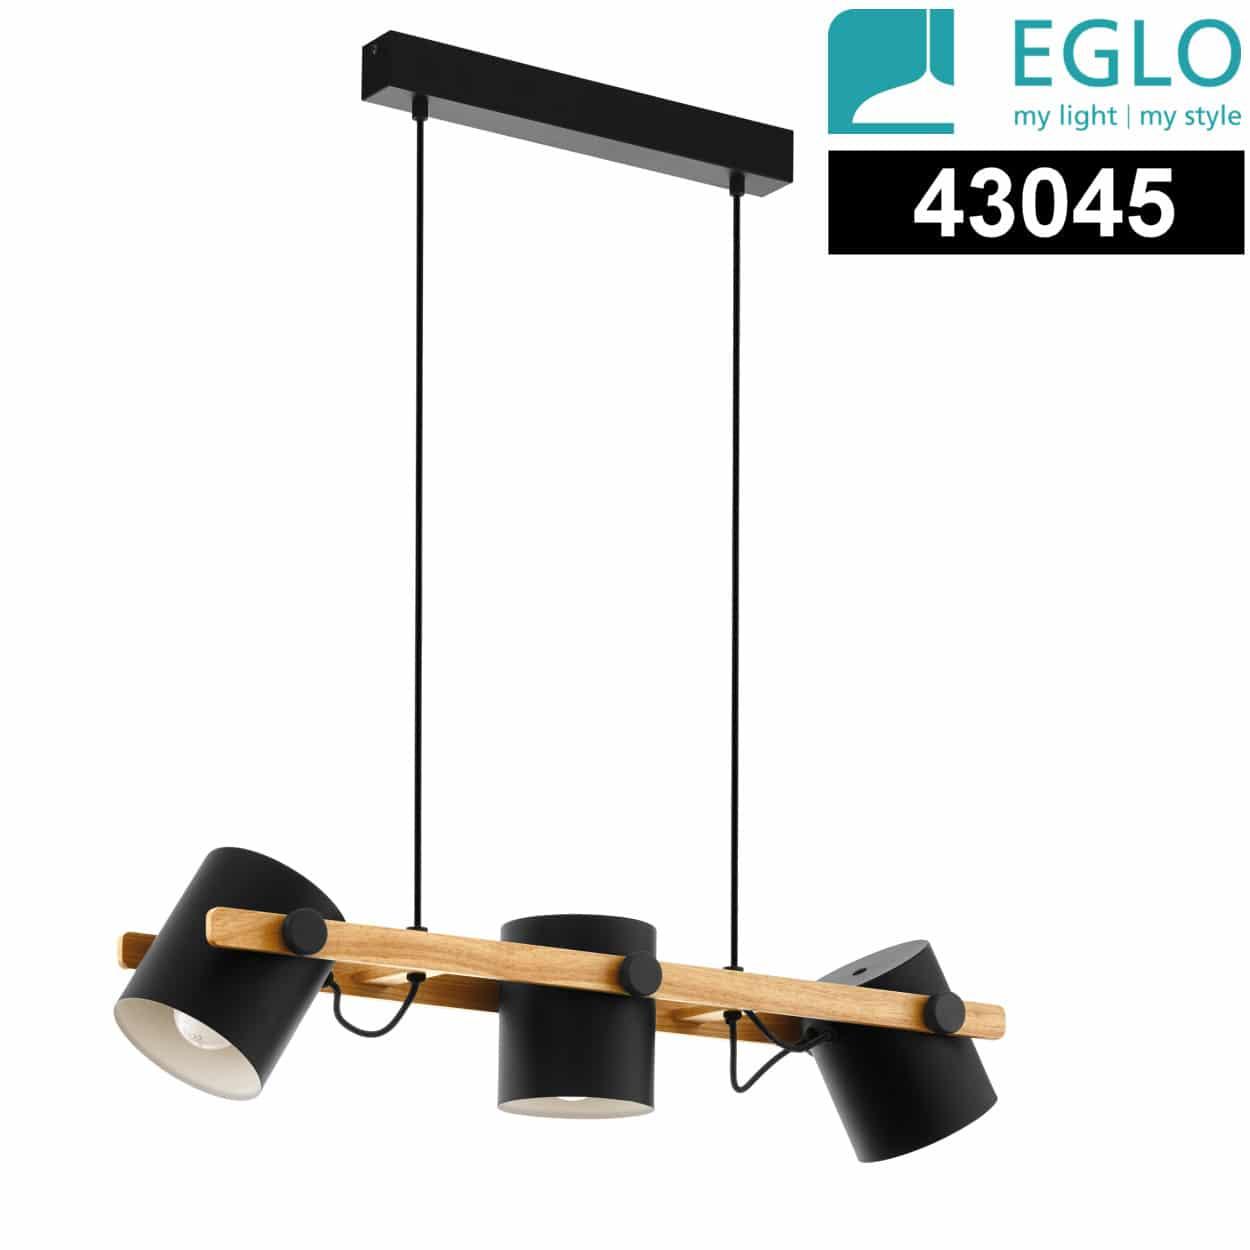 Φωτιστικό EGLO HORNWOOD 3ΧΕ27 L780 43045